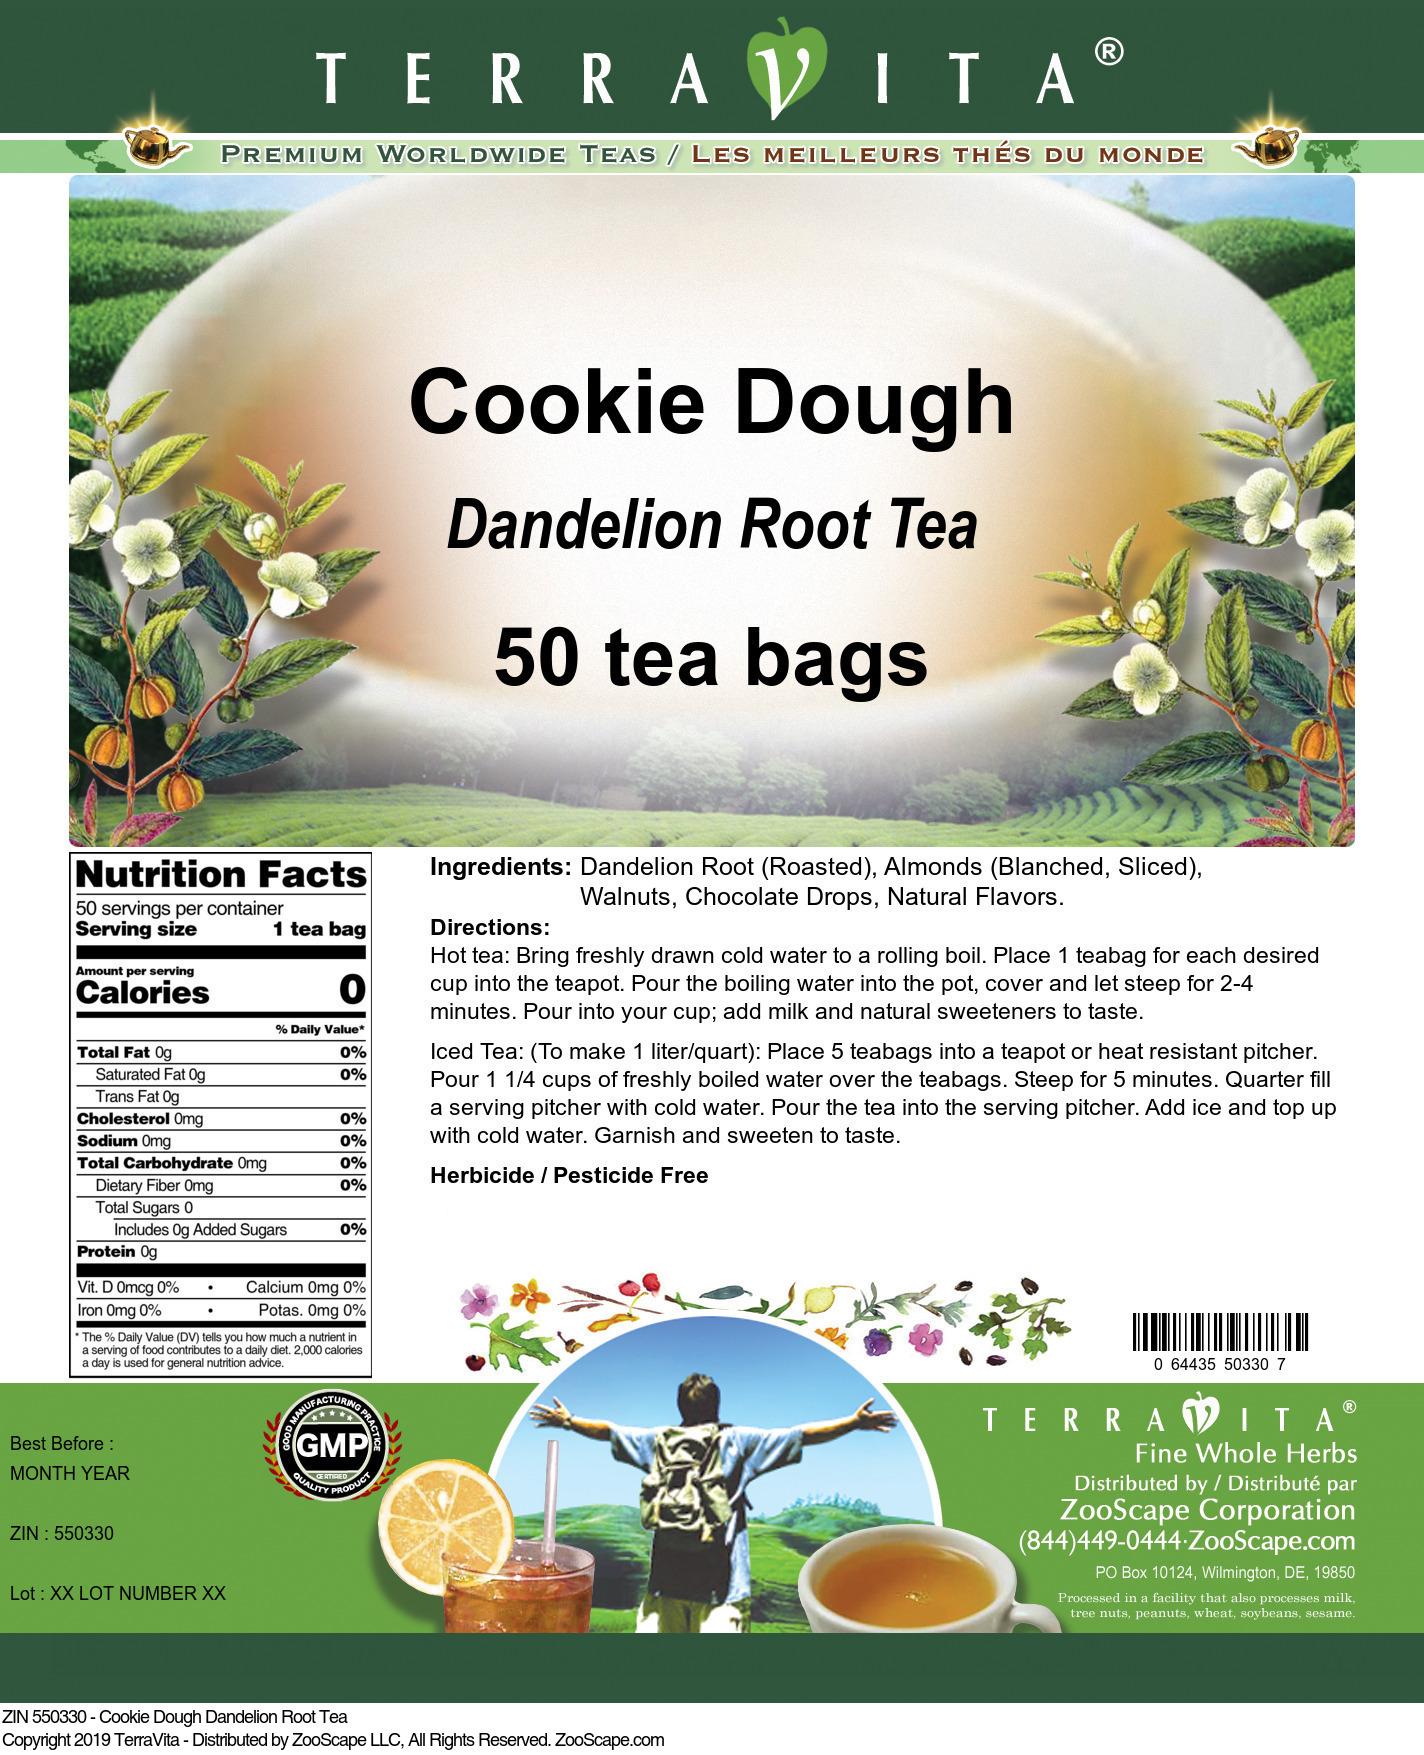 Cookie Dough Dandelion Root Tea